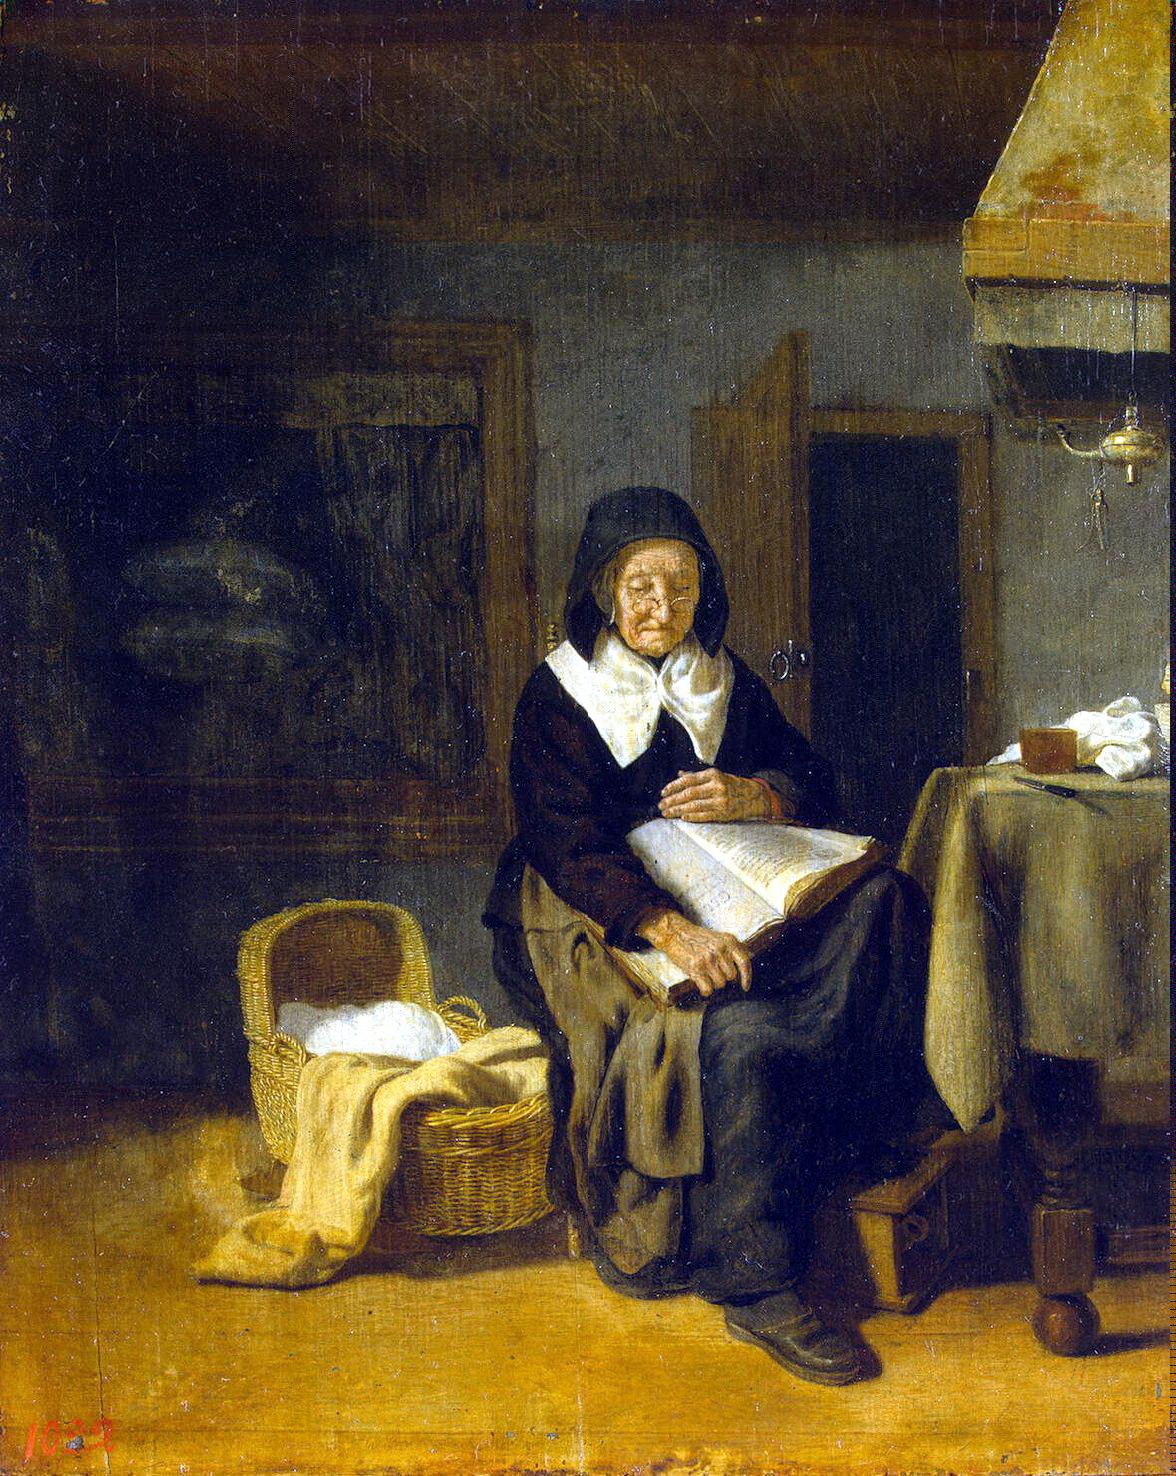 Питер ван ден Бос. Старуха за чтением. XVII век